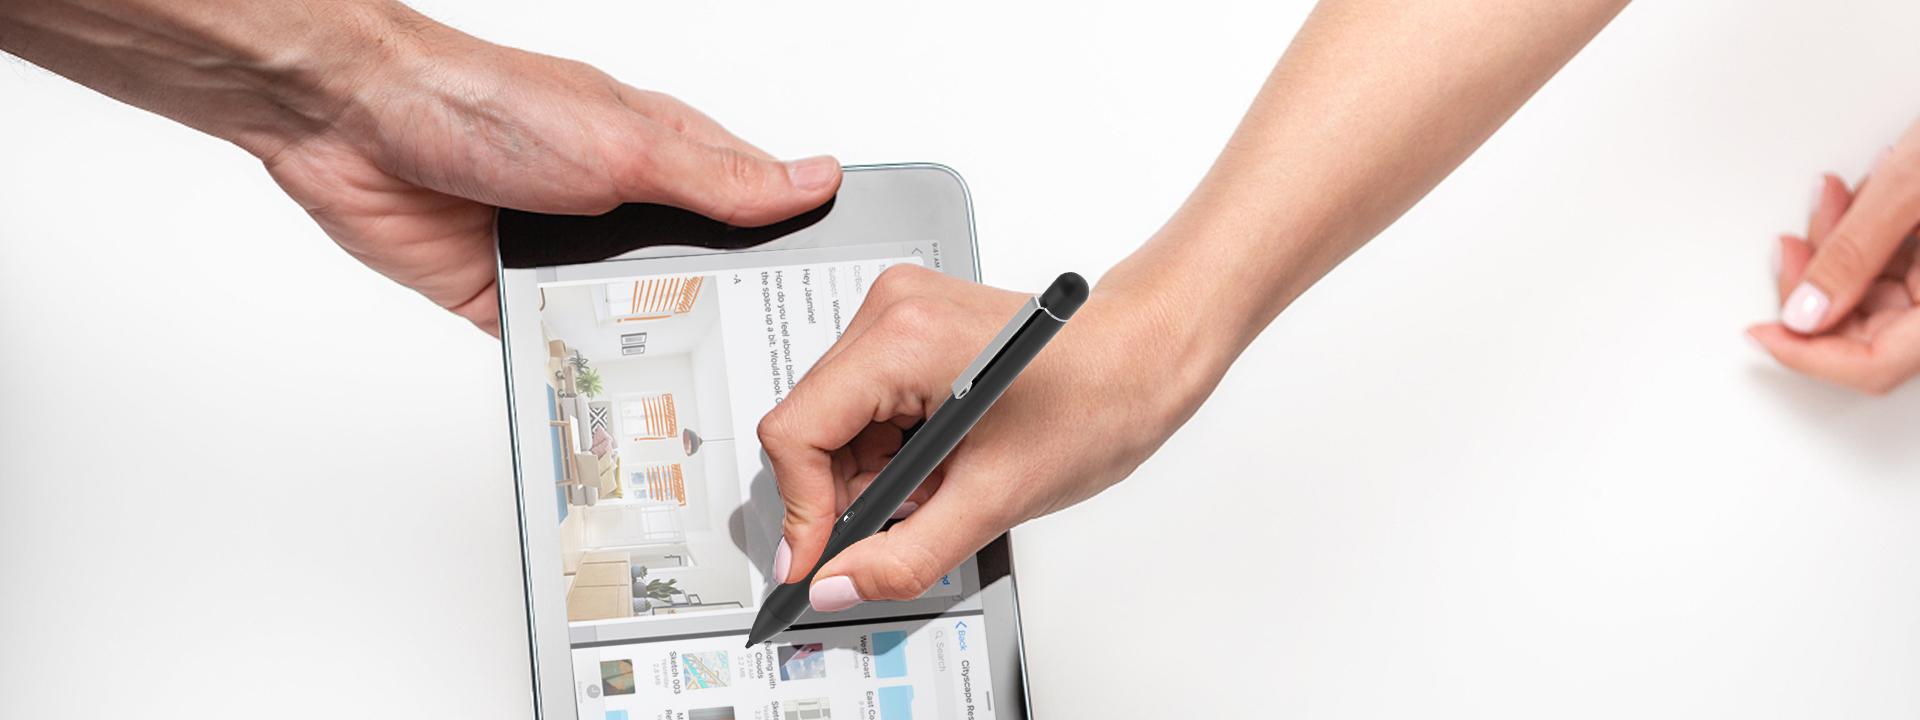 ciscle stylus pen